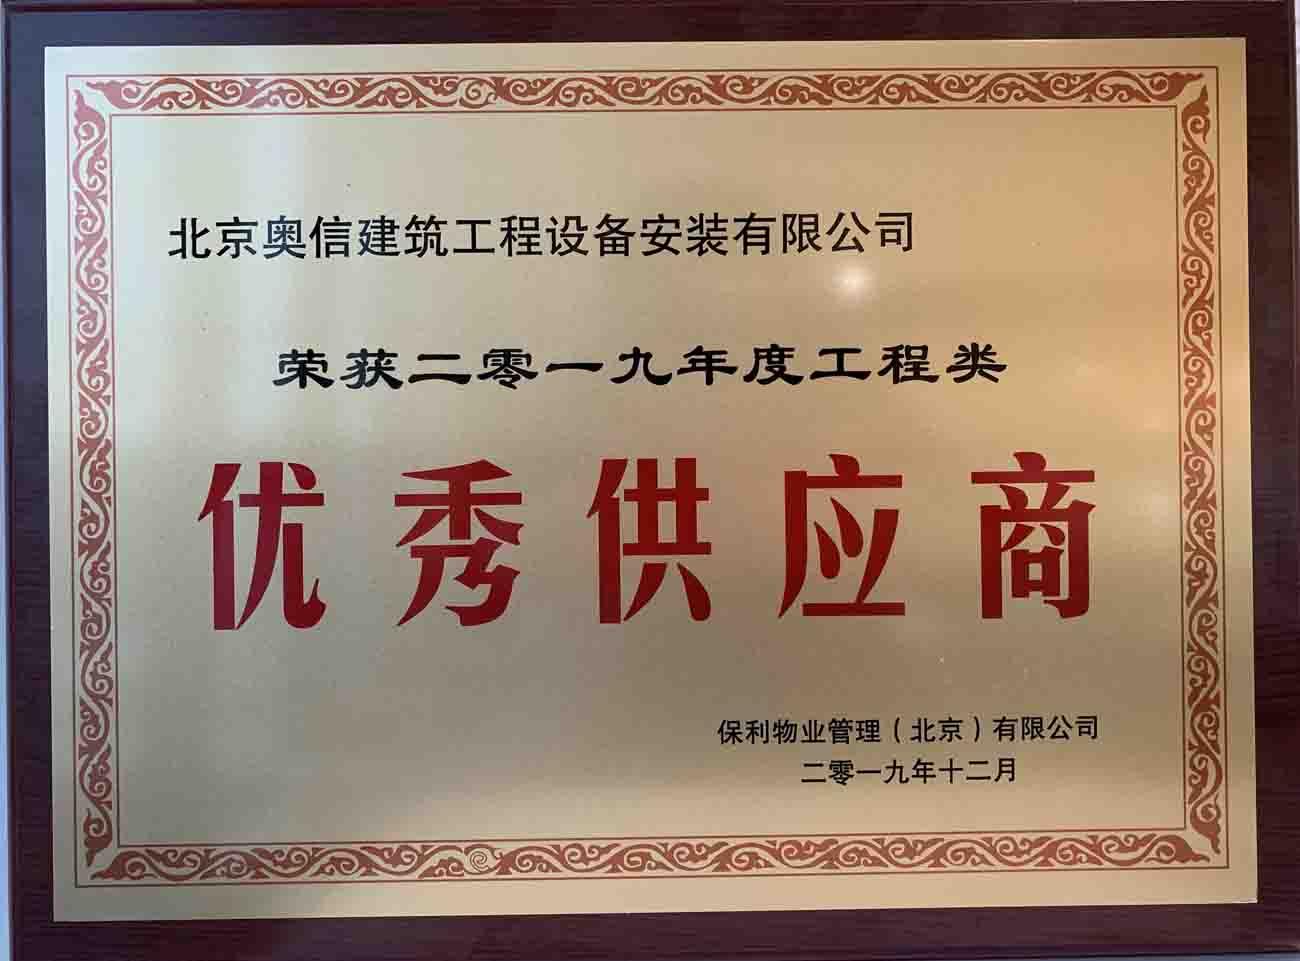 """喜讯:必威体育网下载荣获保利物业管理(北京)有限公司颁发的""""优秀供应商"""""""